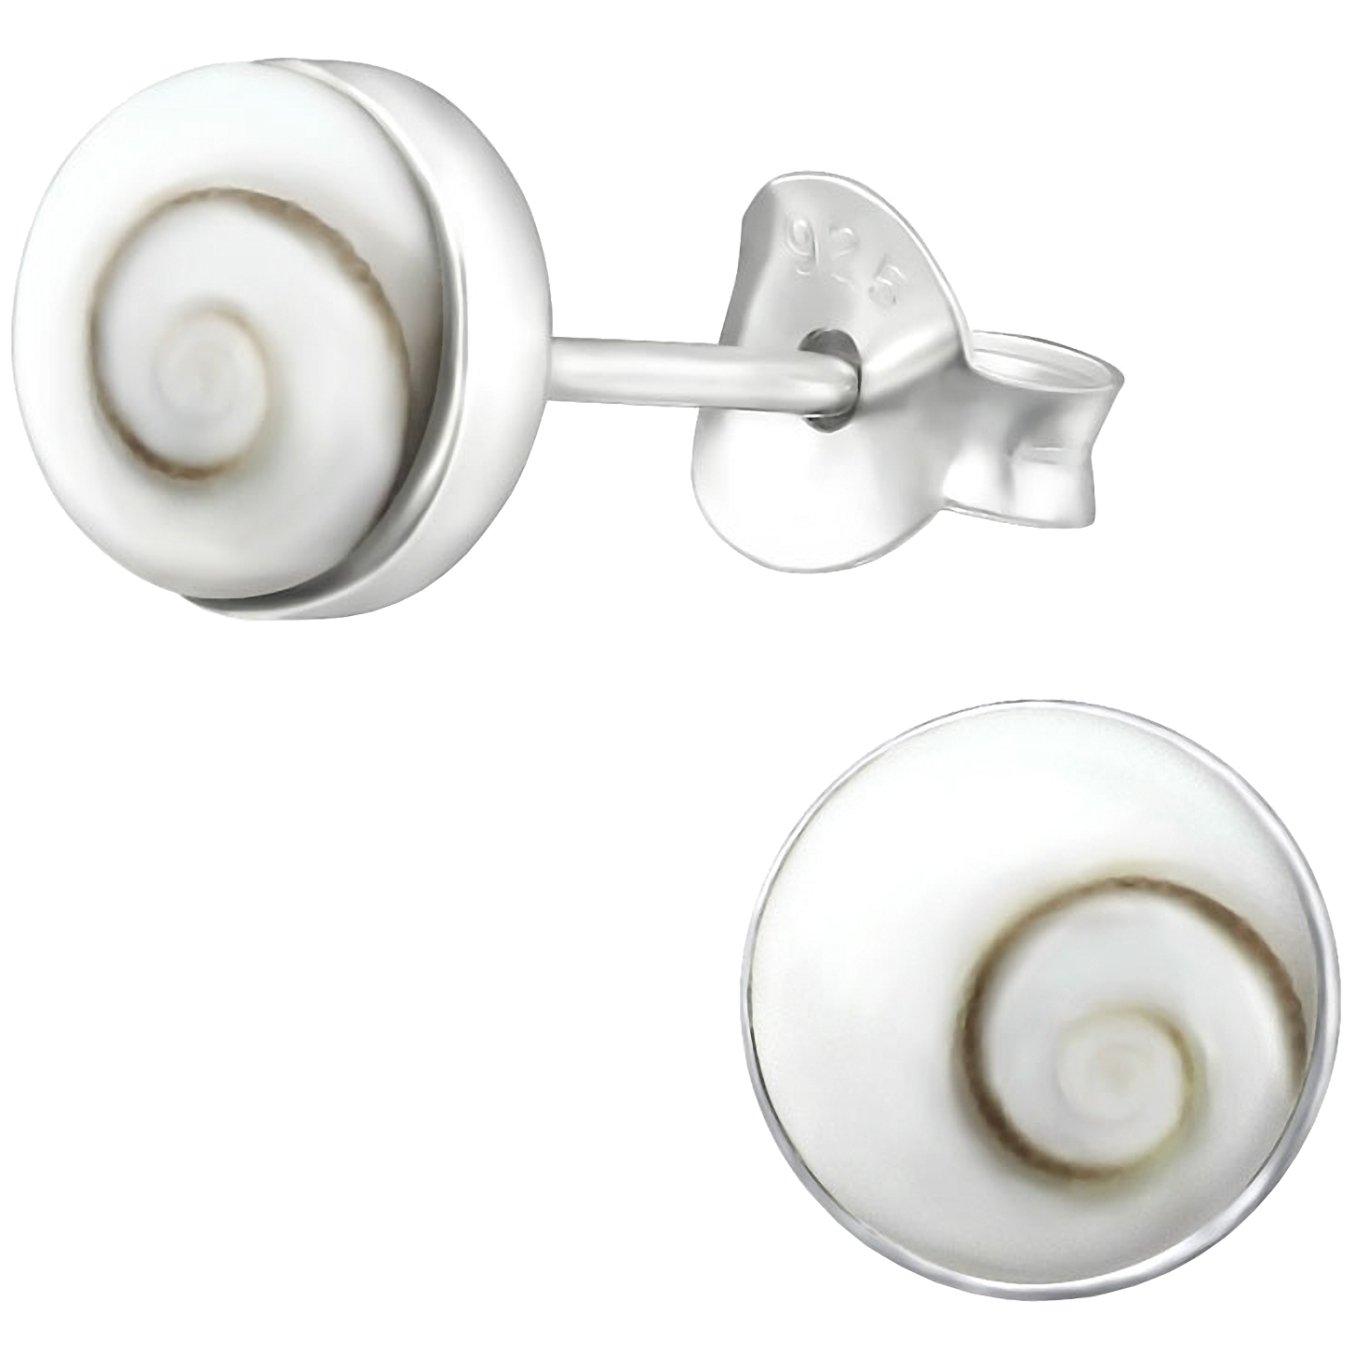 EYS JEWELRY boucles doreilles pour dames rondes argent sterling 925 Coquillage blanc clou doreilles femme